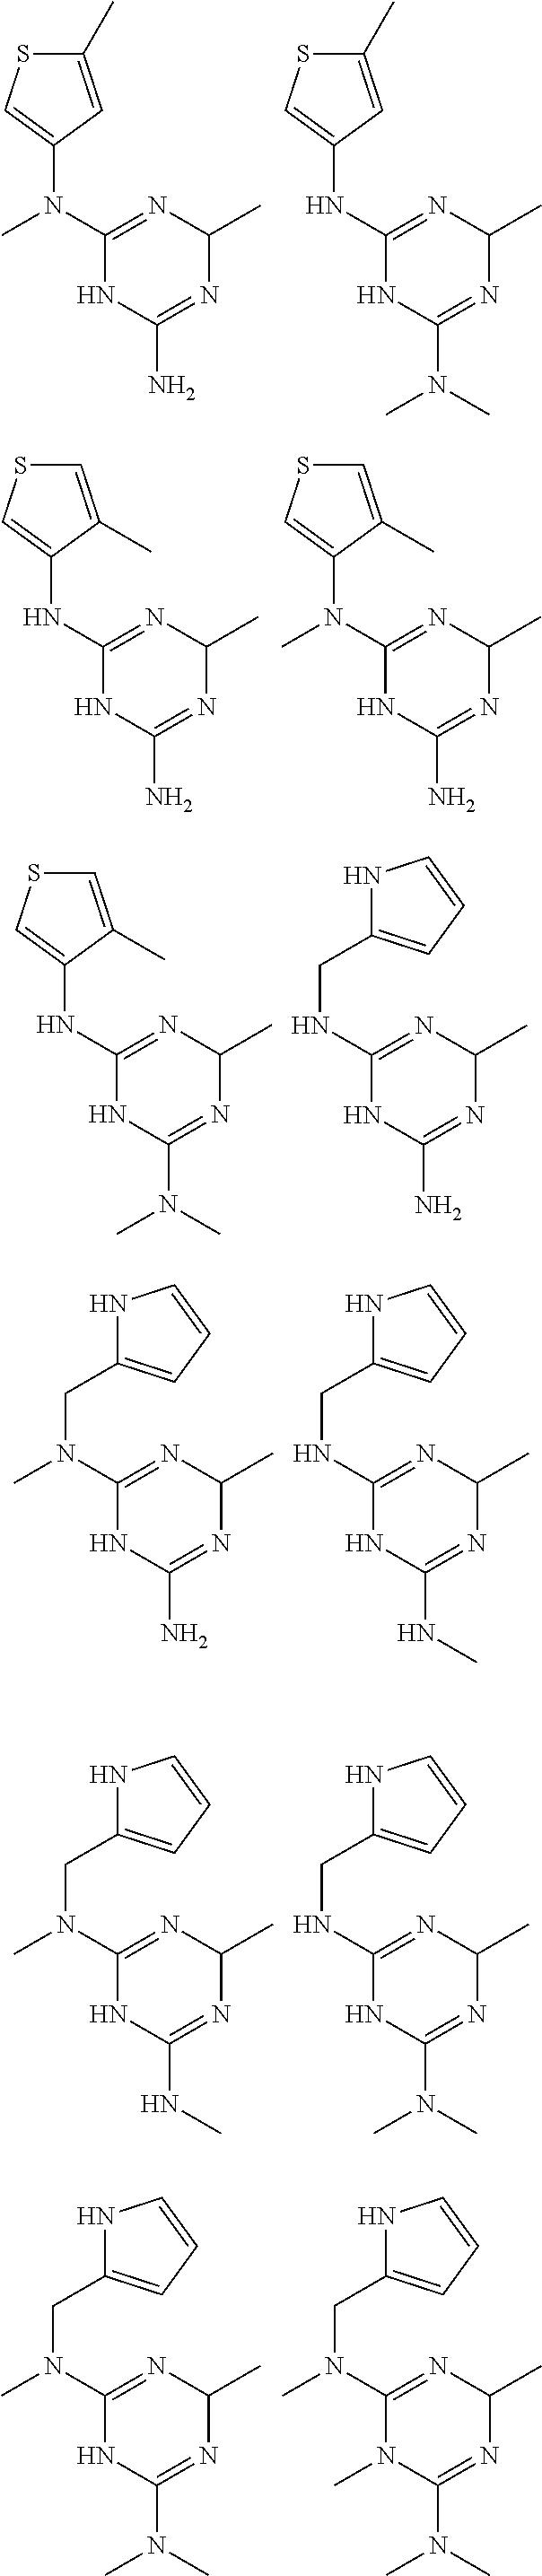 Figure US09480663-20161101-C00192